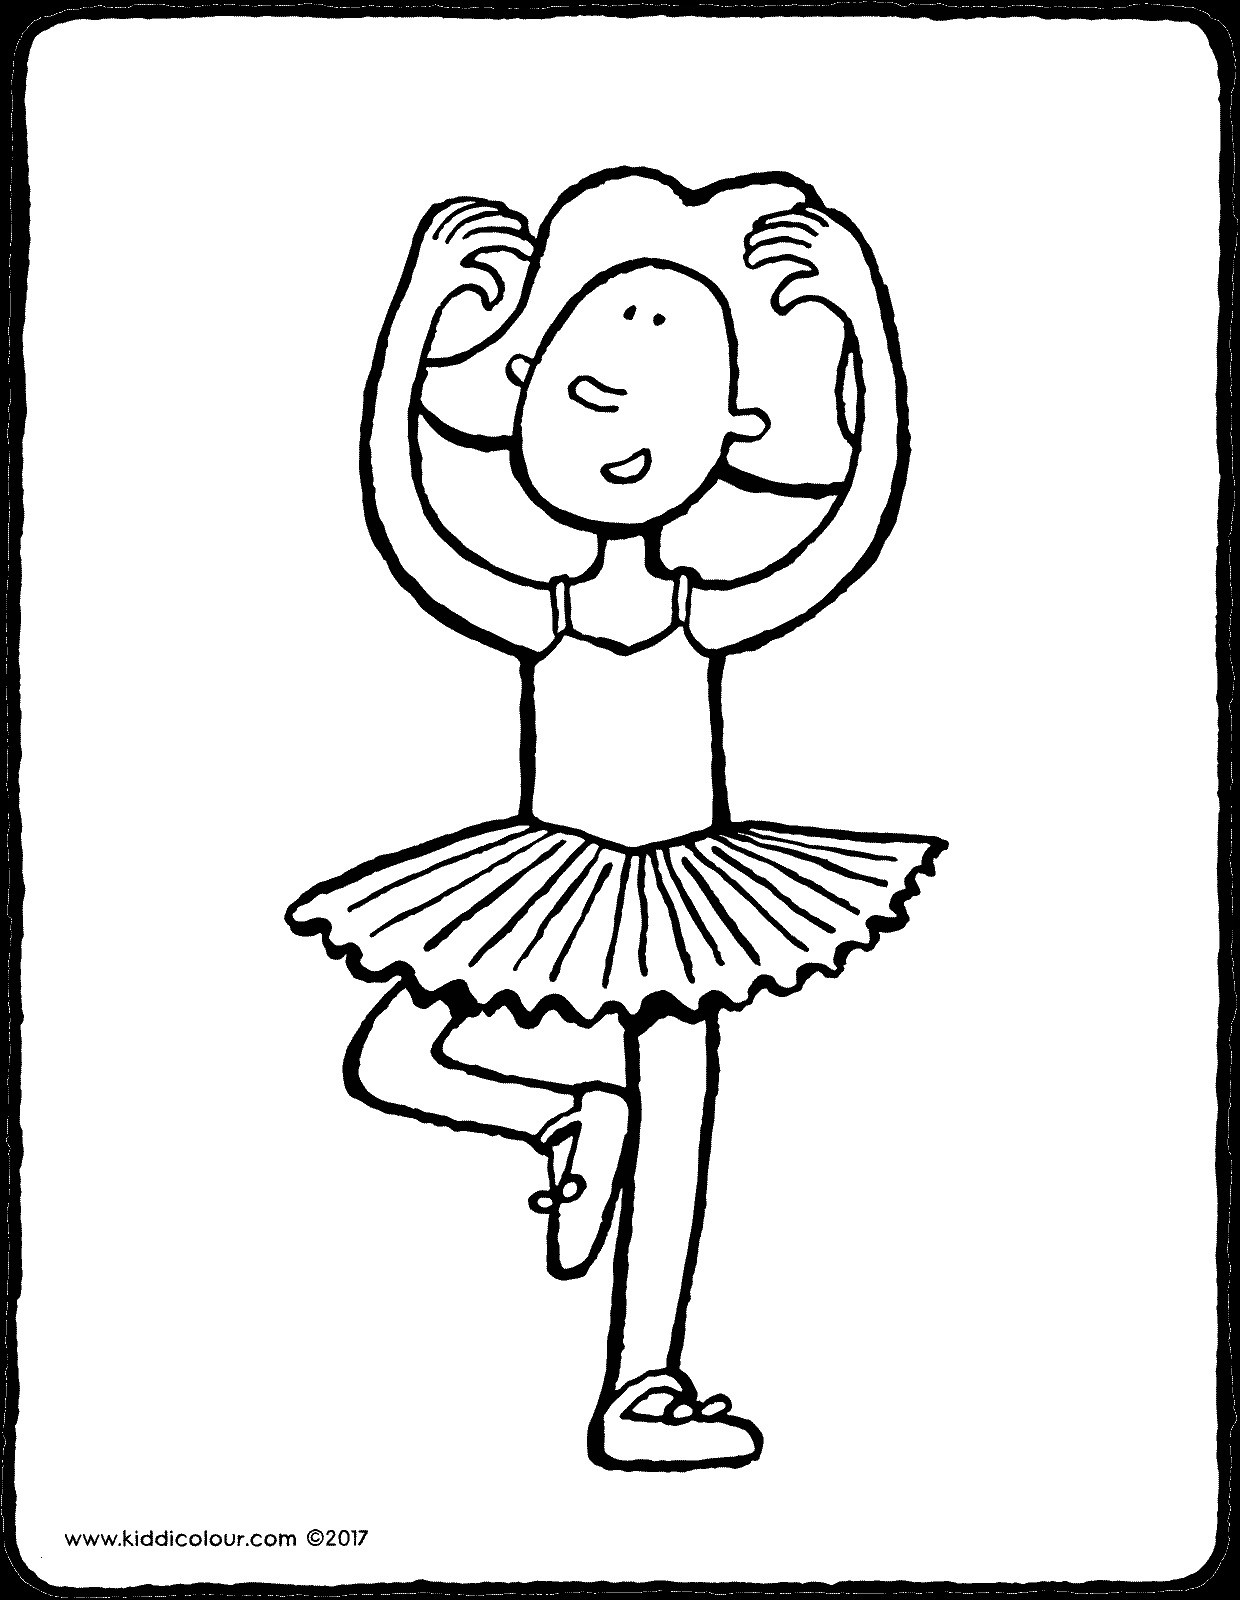 Apfel Zum Ausmalen Neu Emma Tanzt Ballet Kiddimalseite Frisch Ballerina Ausmalbilder Fotografieren